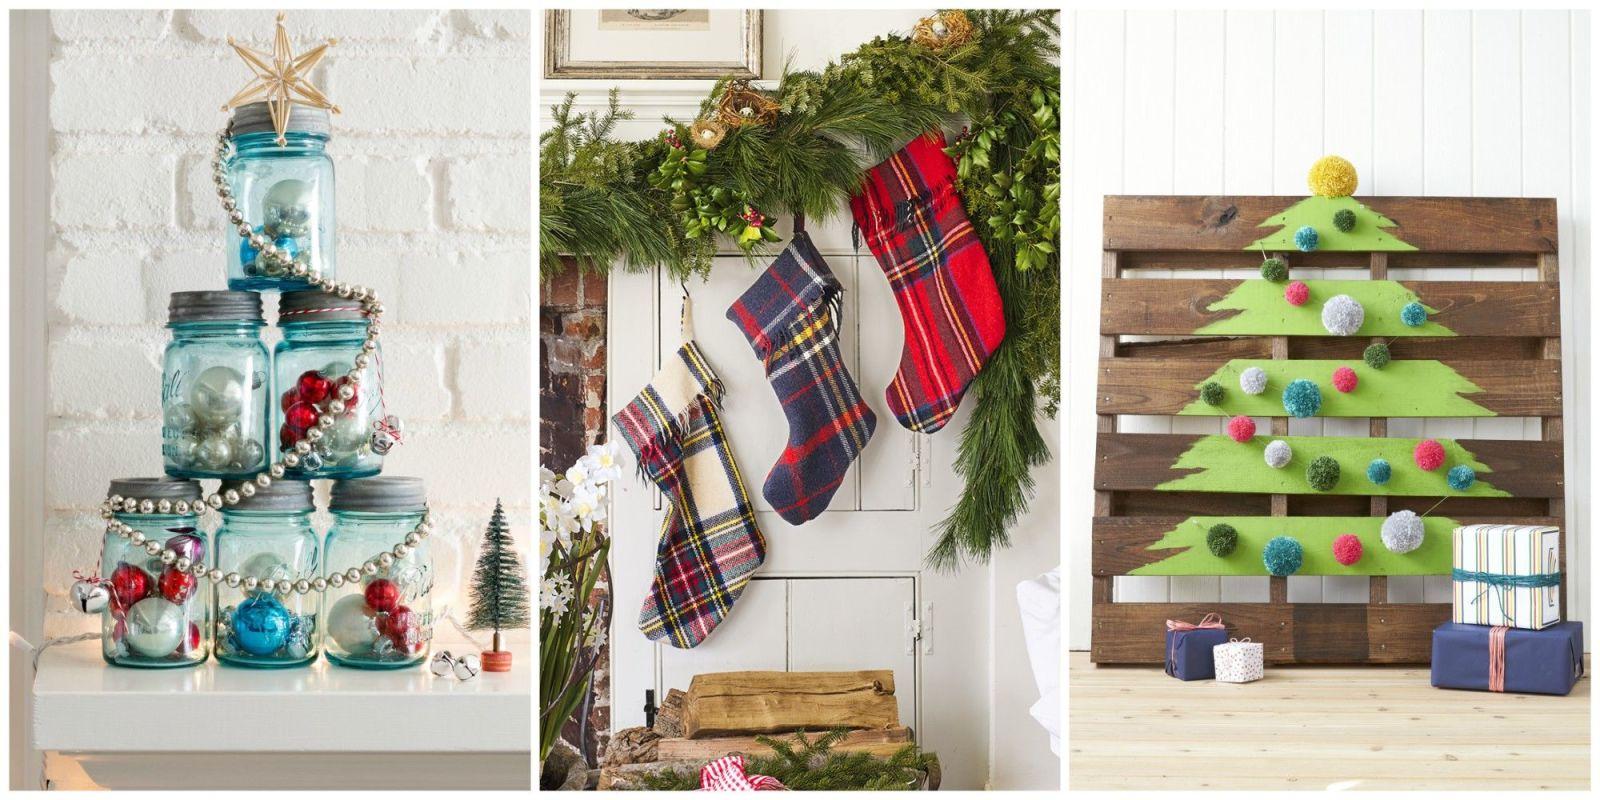 DIY Homemade Christmas Decorations Christmas Decor You Can Make - Christmas decoration craft ideas